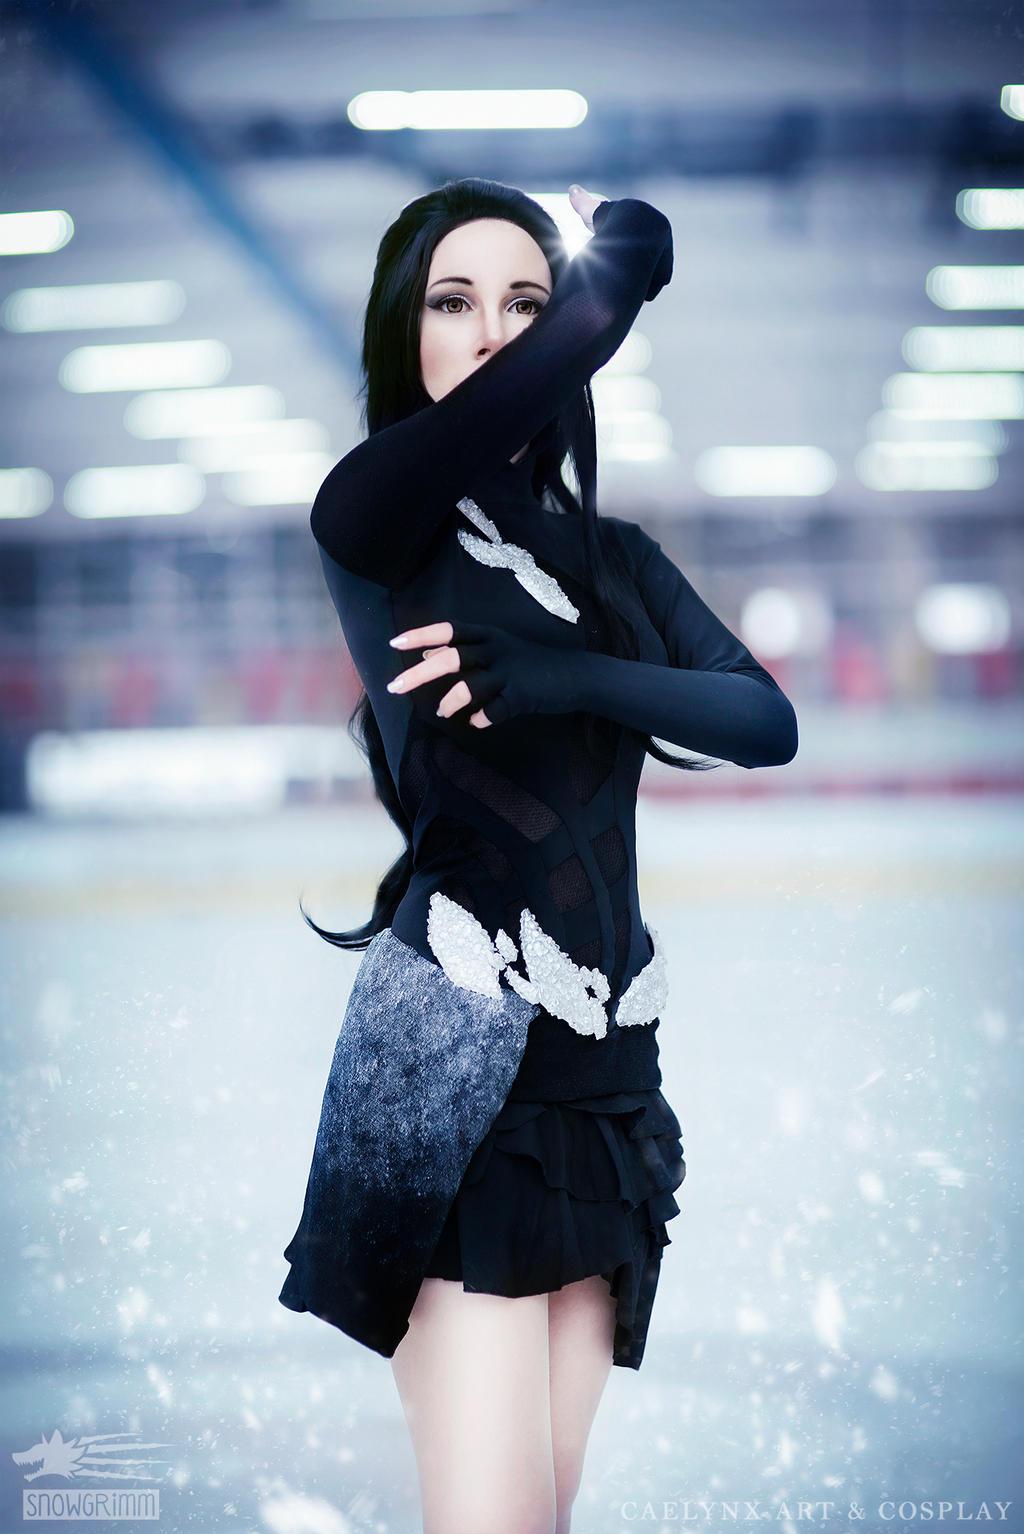 Yuri Katsuki - Yuri!!! on Ice by Miss-Fairy-Floss